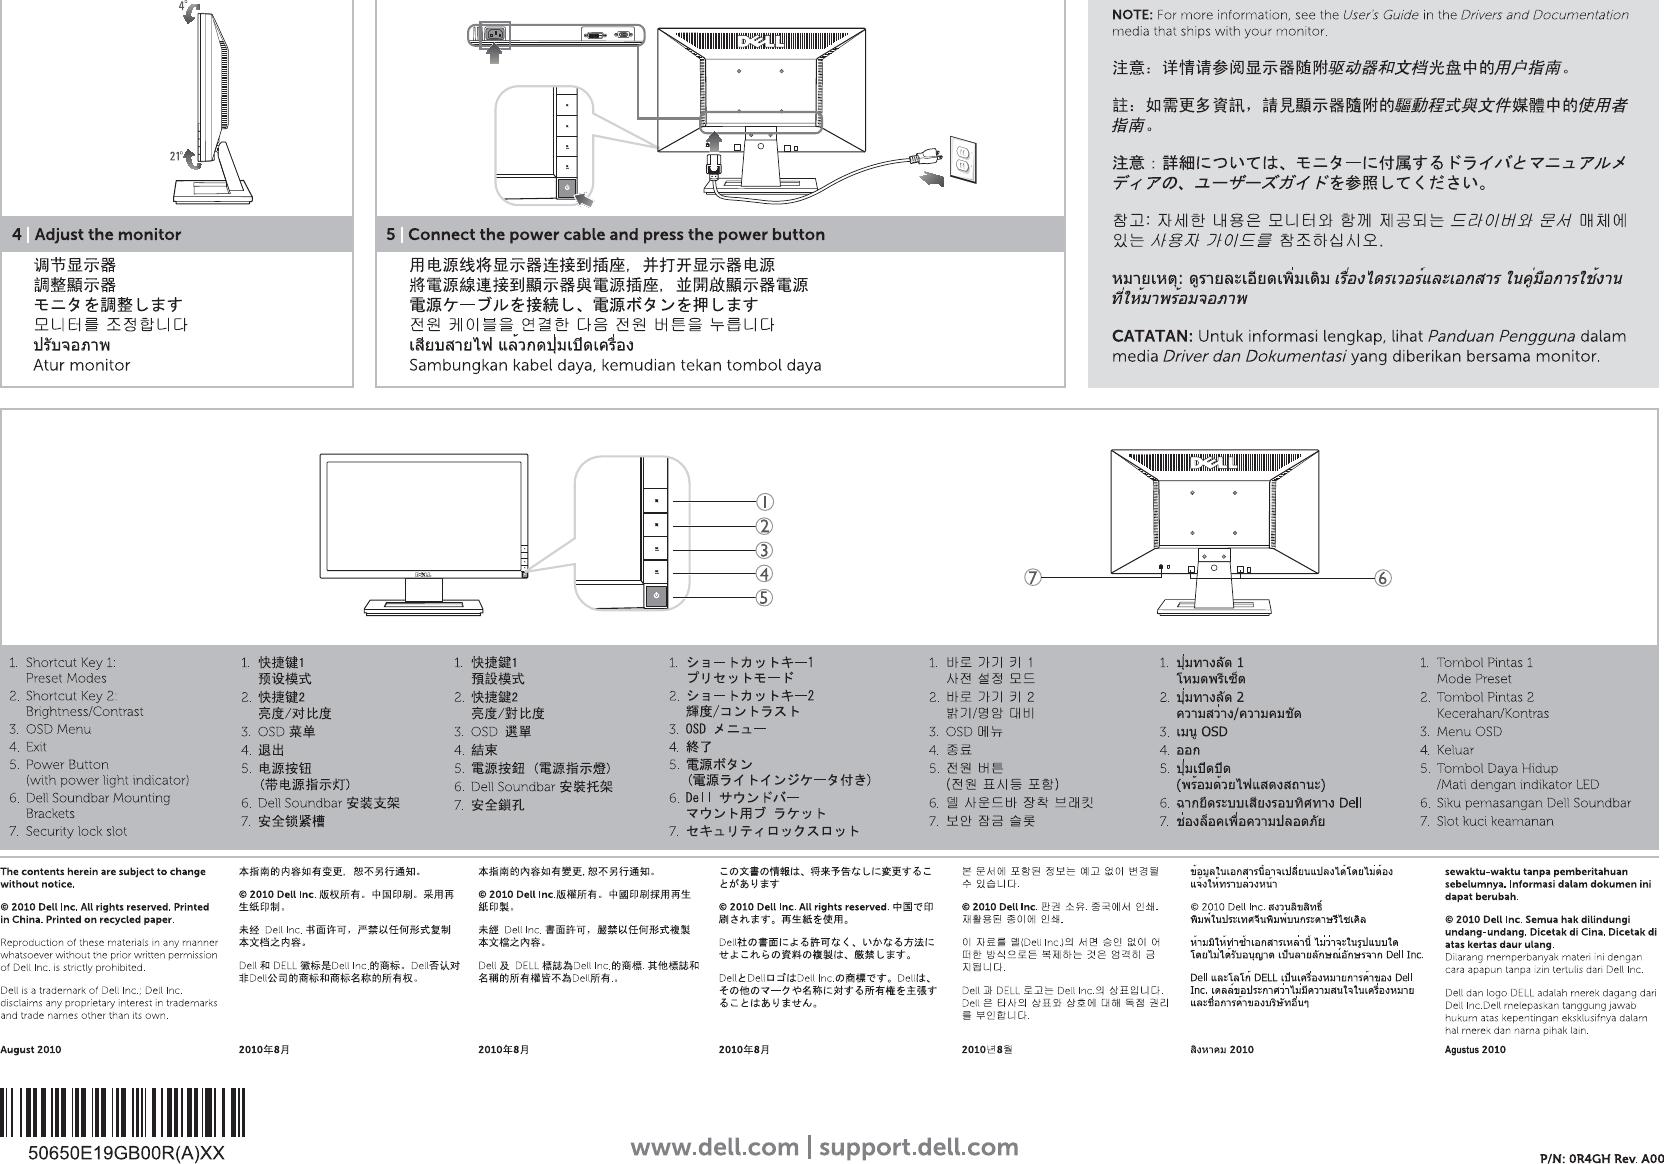 Dell e1911 Monitor 安装图 使用手册 其他文档 Setup Guide Zh cn